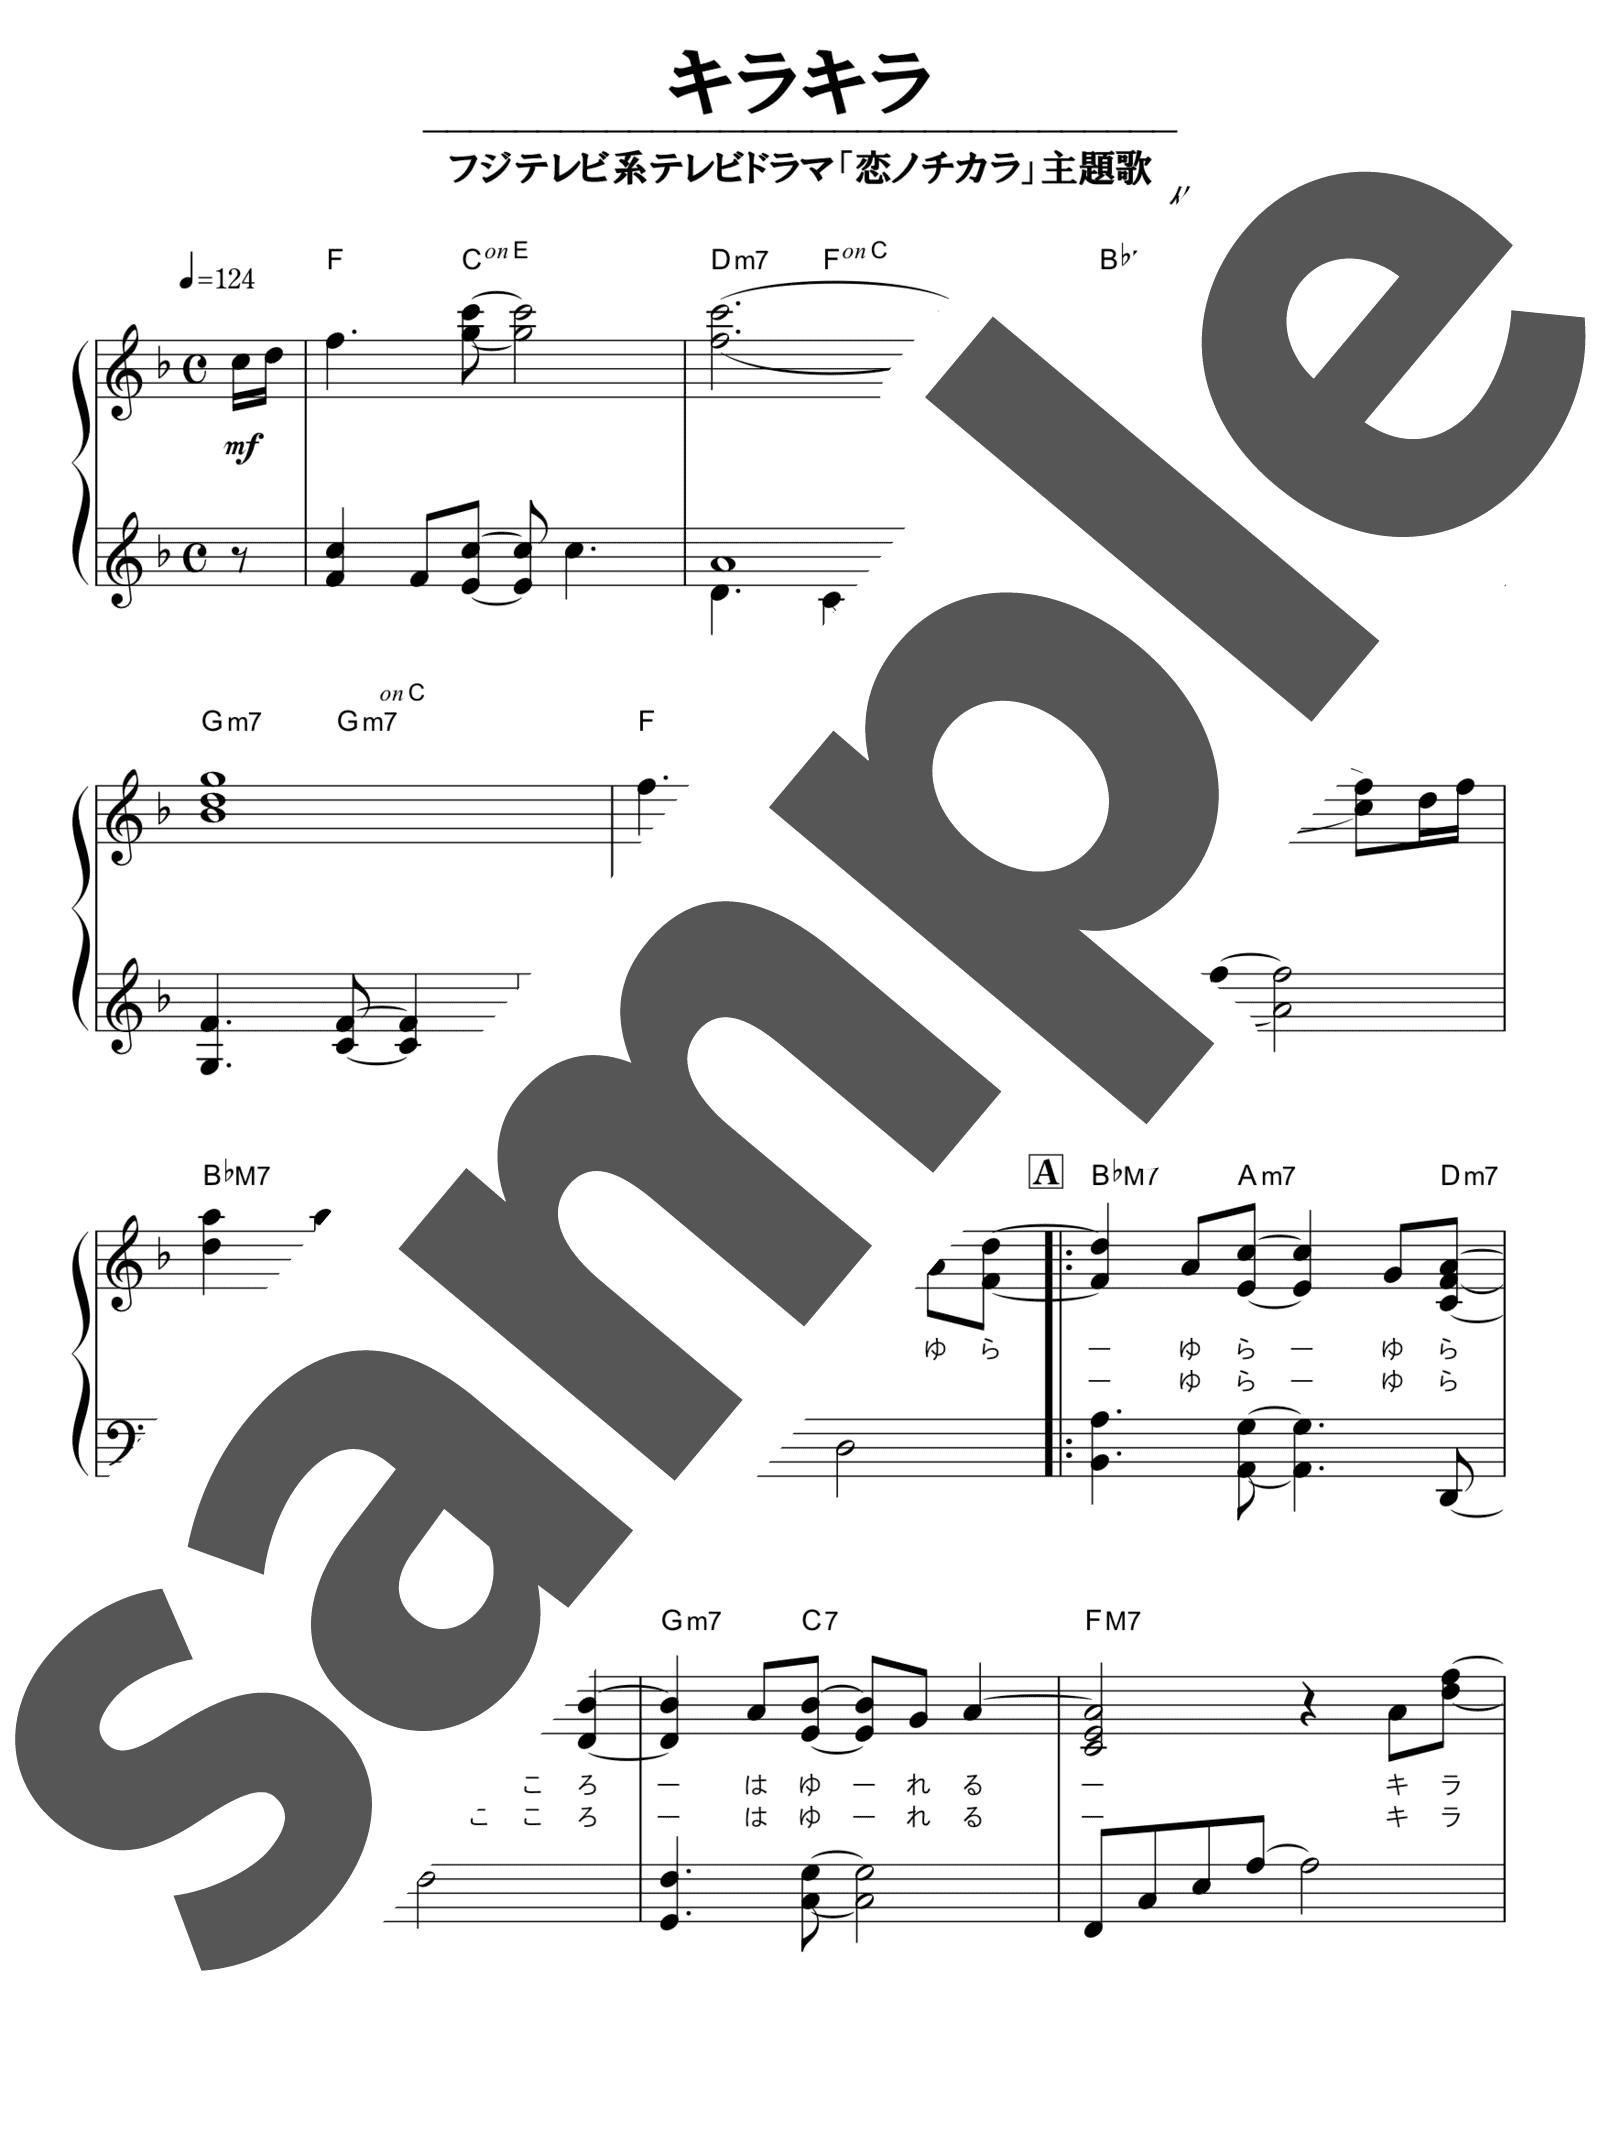 「キラキラ」のサンプル楽譜